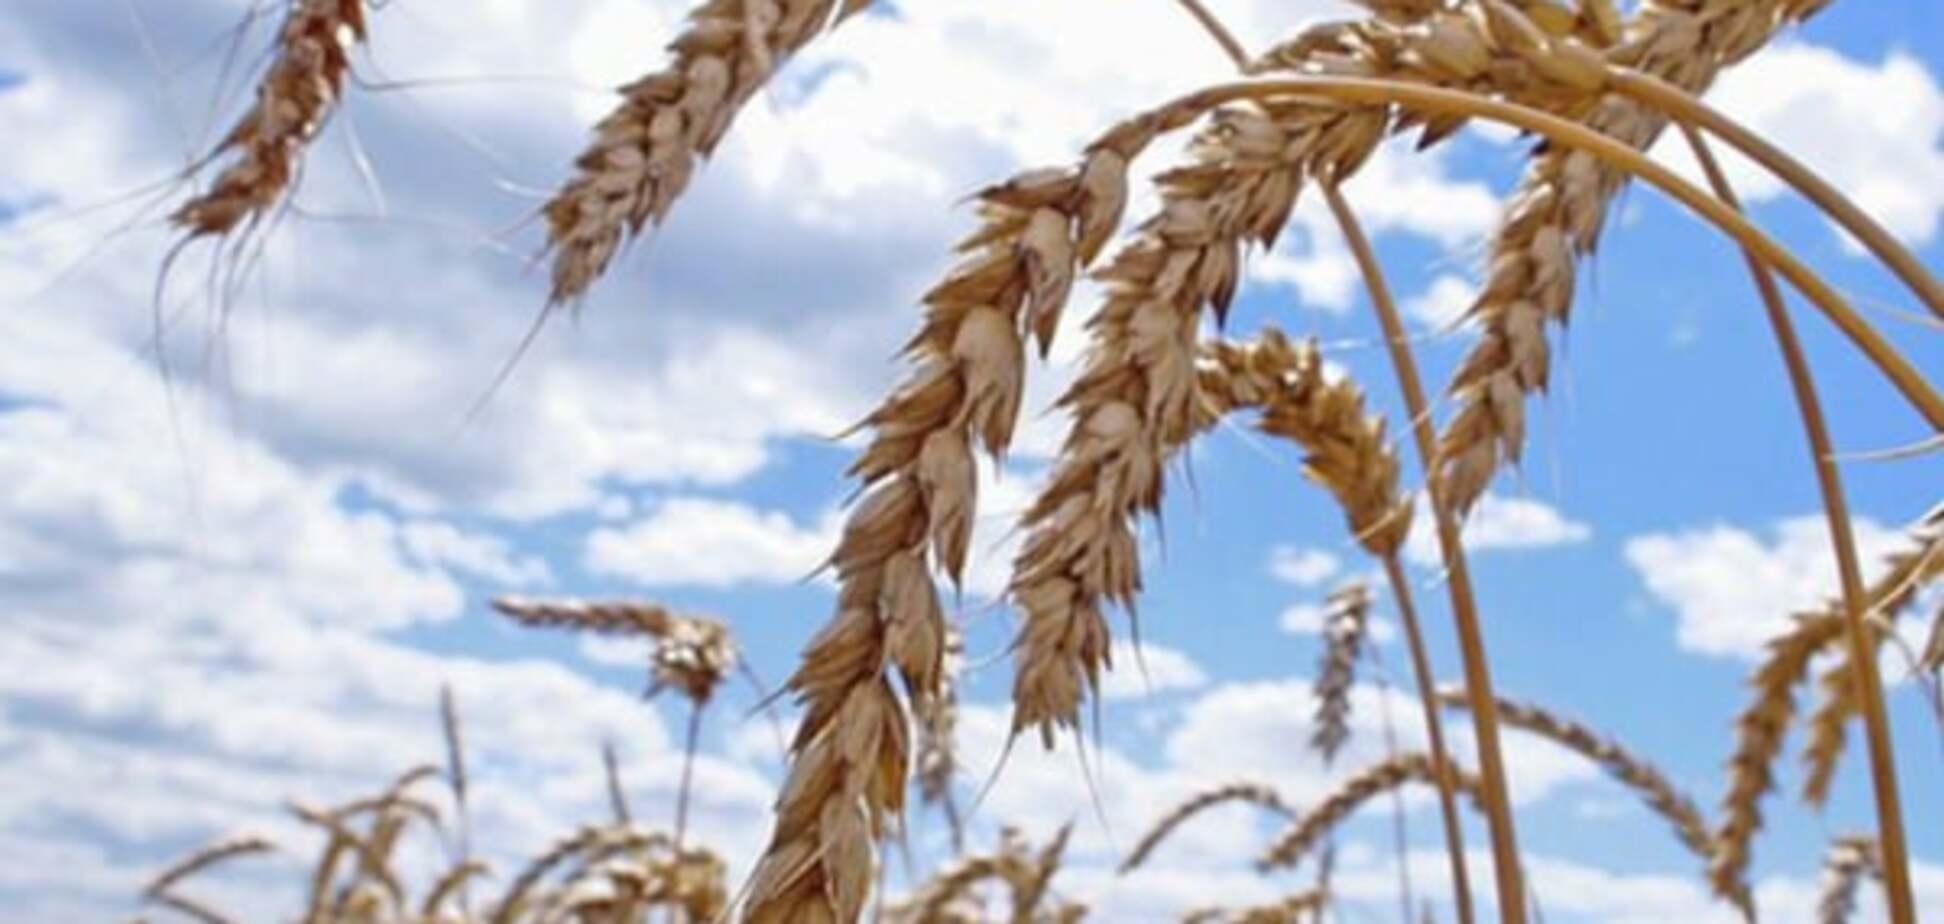 Аграрная схемотехника: 9 способов дать ворам по рукам